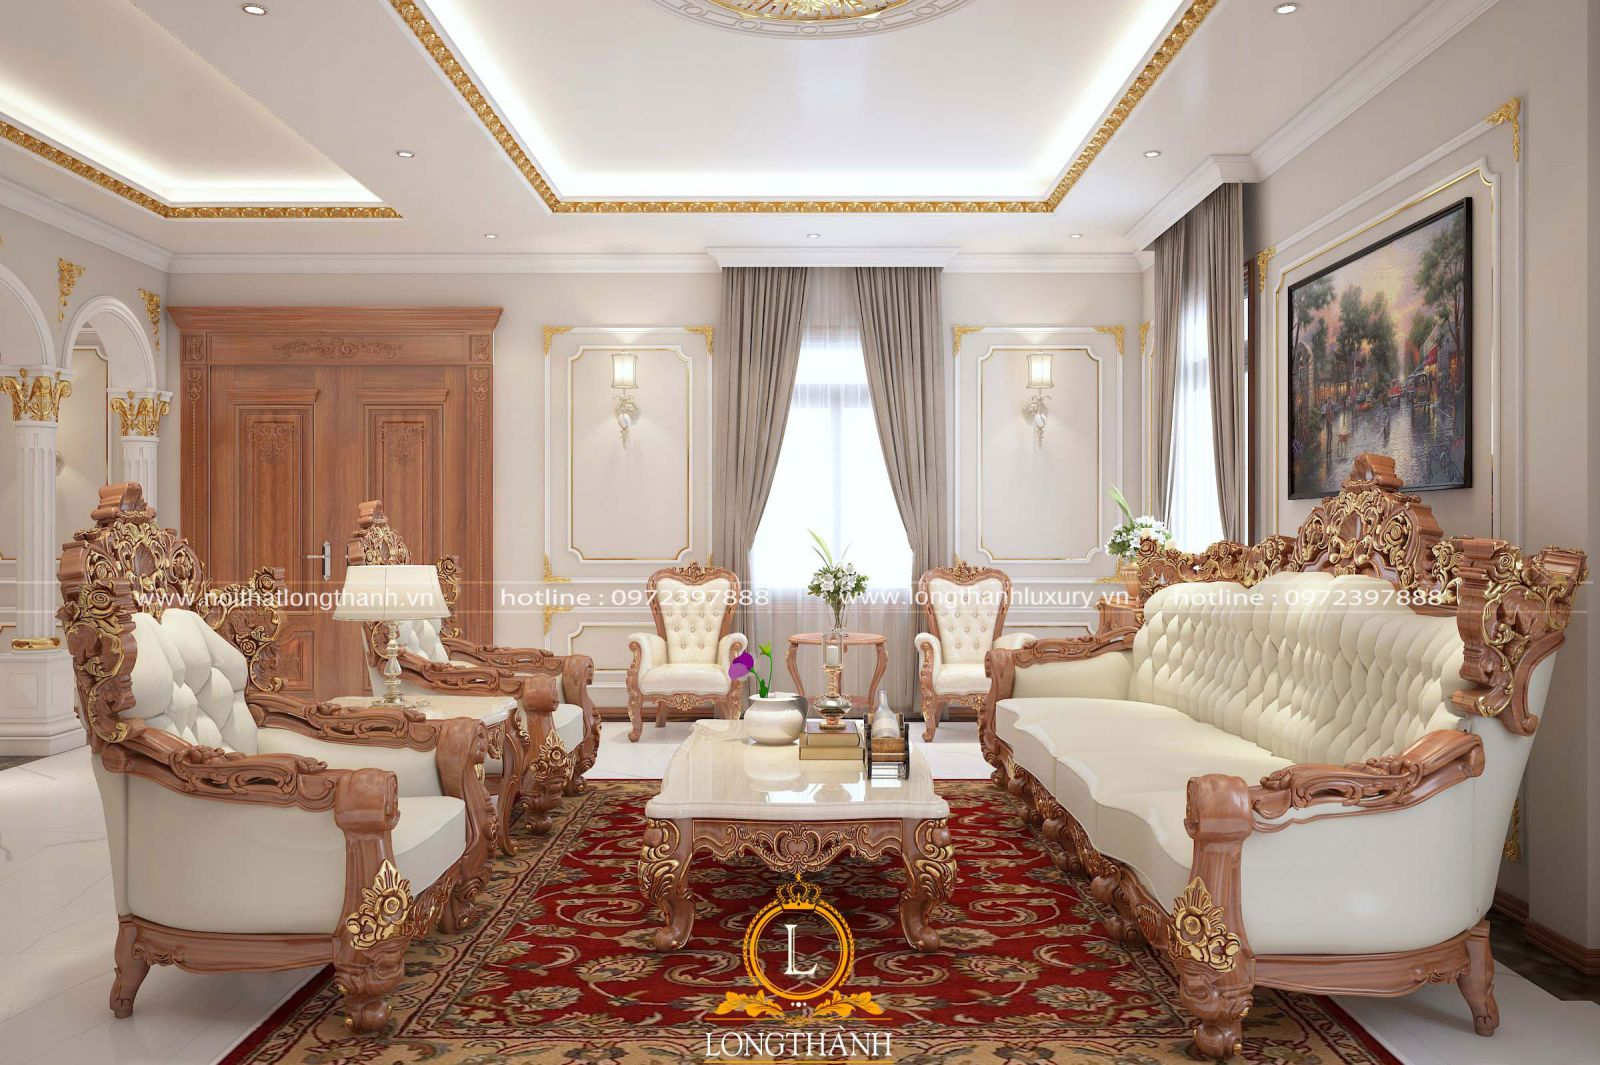 Phòng khách tân cổ điển dùng thảm trải sàn đỏ vô cùng ấn tượng